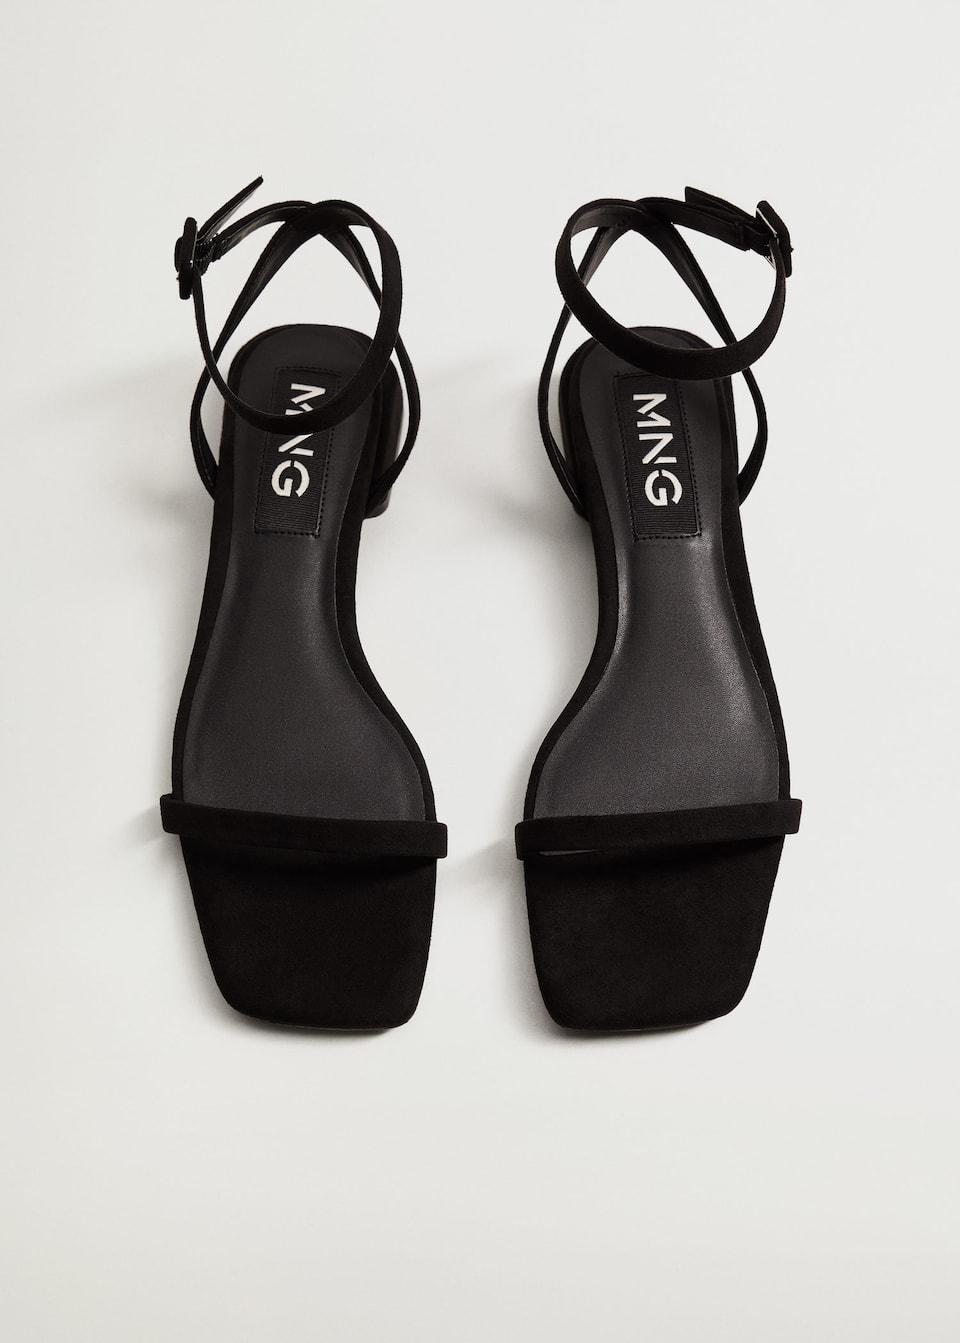 Sandale cu baretă pe gleznă - Detaliu al articolului 4